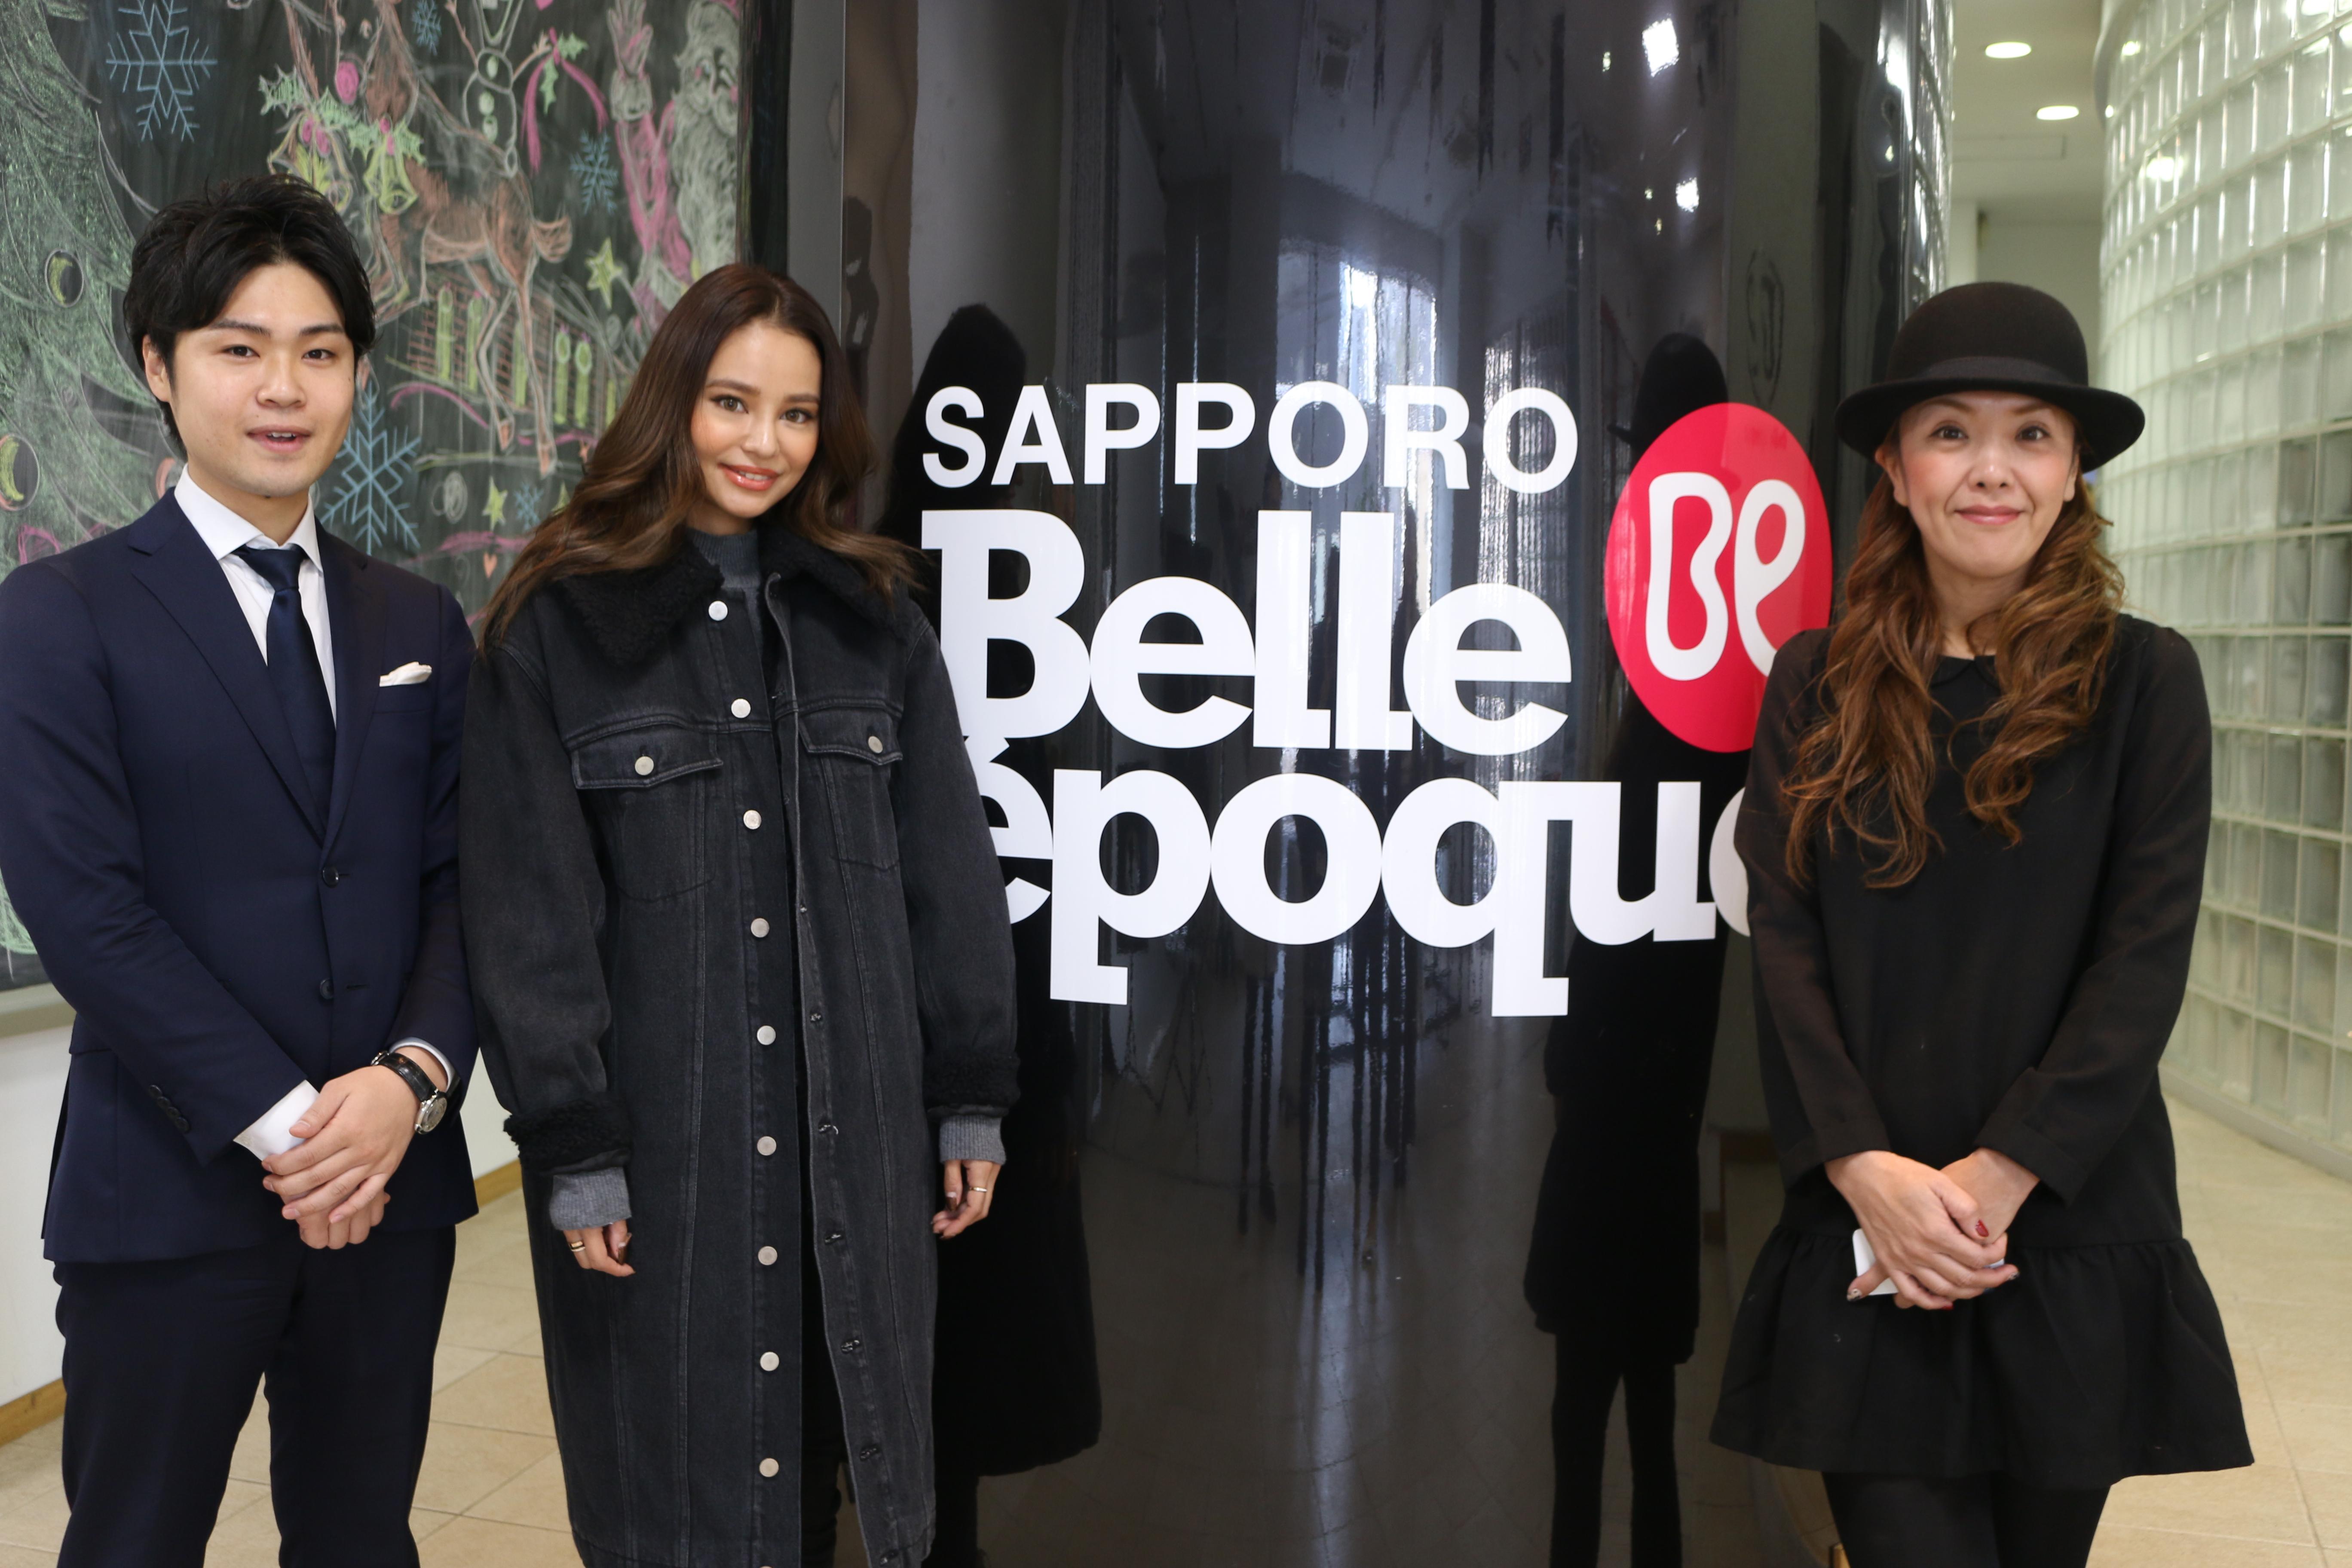 札幌ベルエポック美容専門学校様に講演依頼を頂きまして、 約200名程の学生に「美容学生が今後社会に求めらる力」をお話しさせて頂きました。